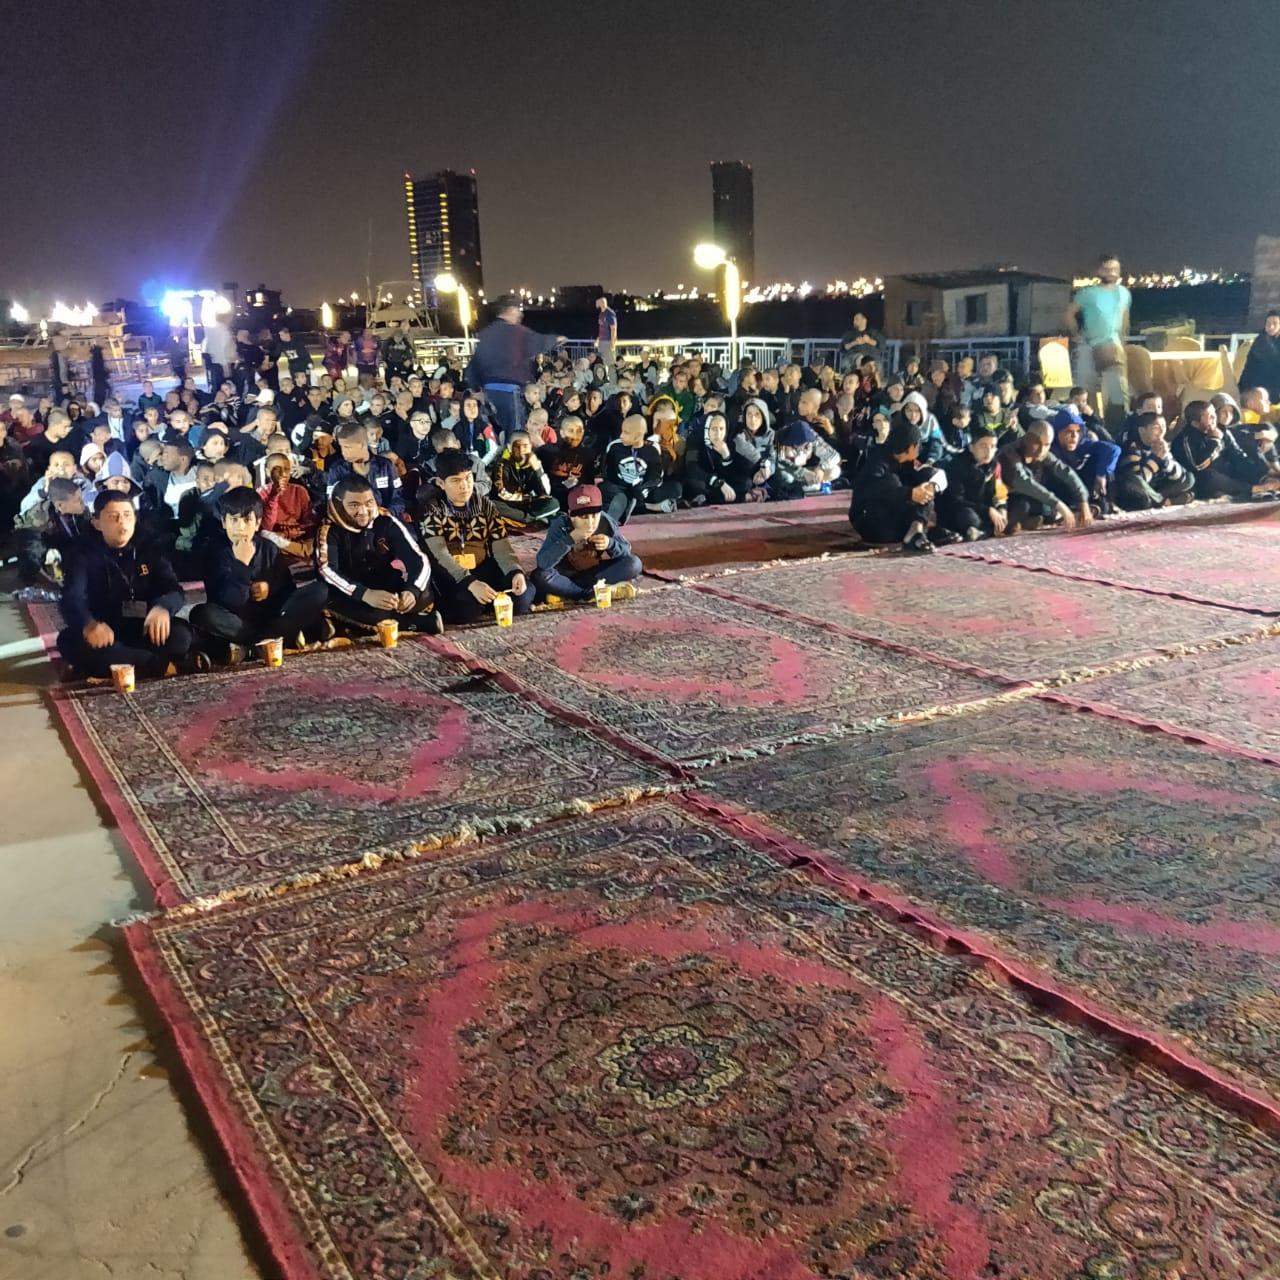 نادي متطوعي جدة يستضيف (400) يتيم لأداء العمرة من المخيمات الاردنية